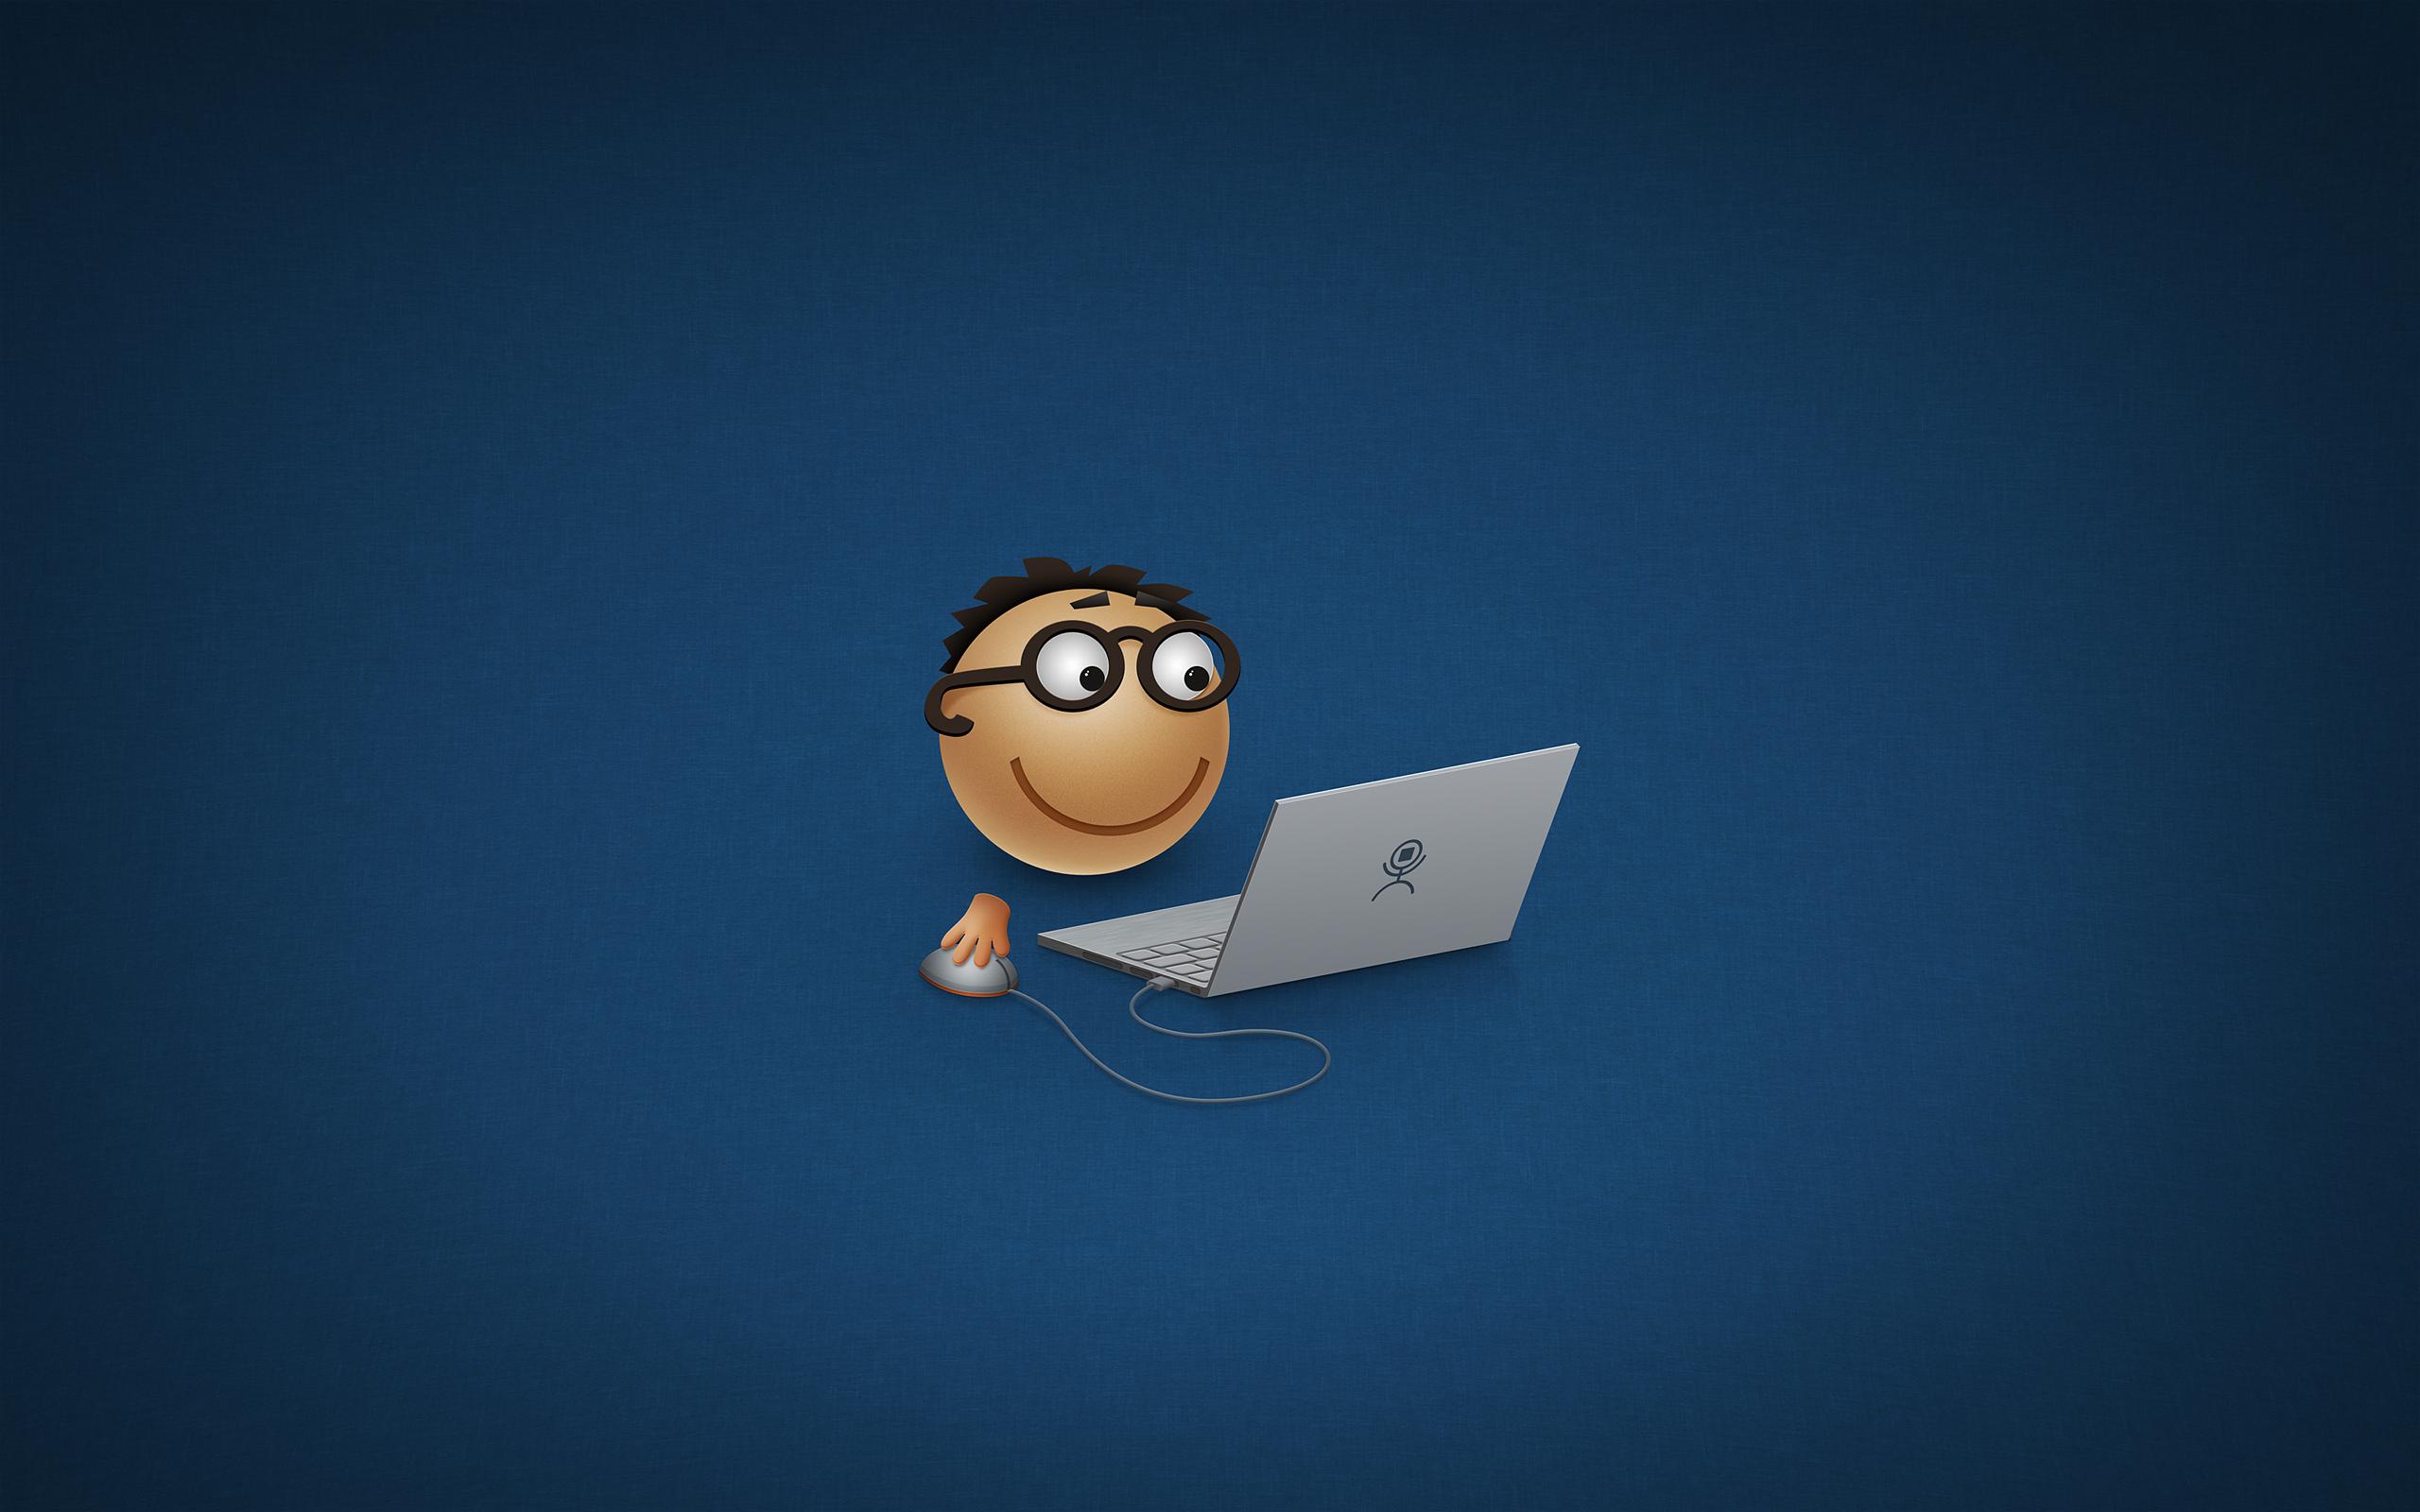 Прикольные рисунки ноутбуков, электронная открытка бизнес